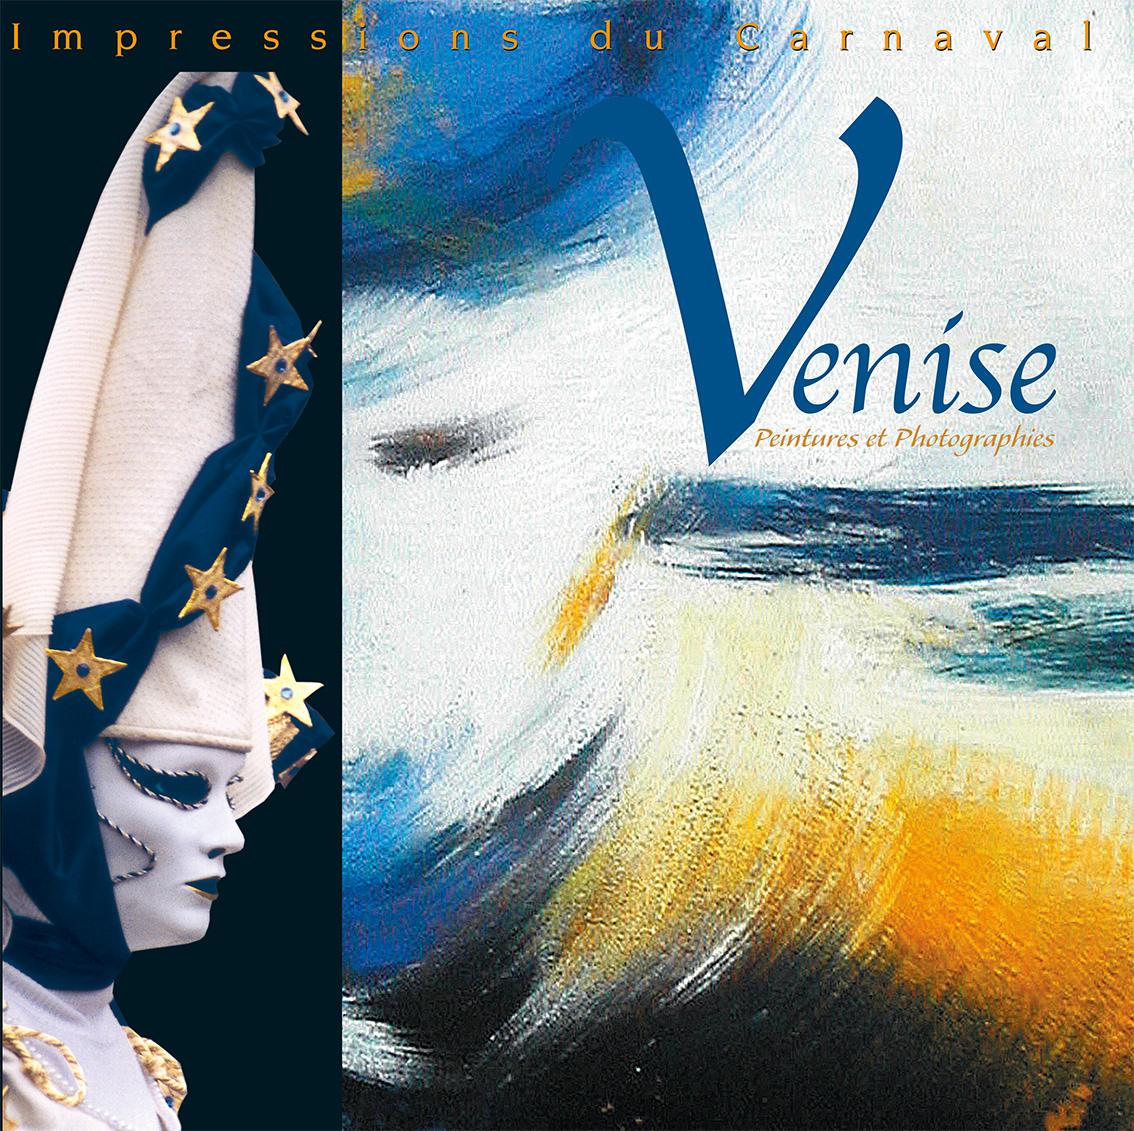 Couverture Livre Carnaval de Venise-Dom Evangelisti-Page intérieure